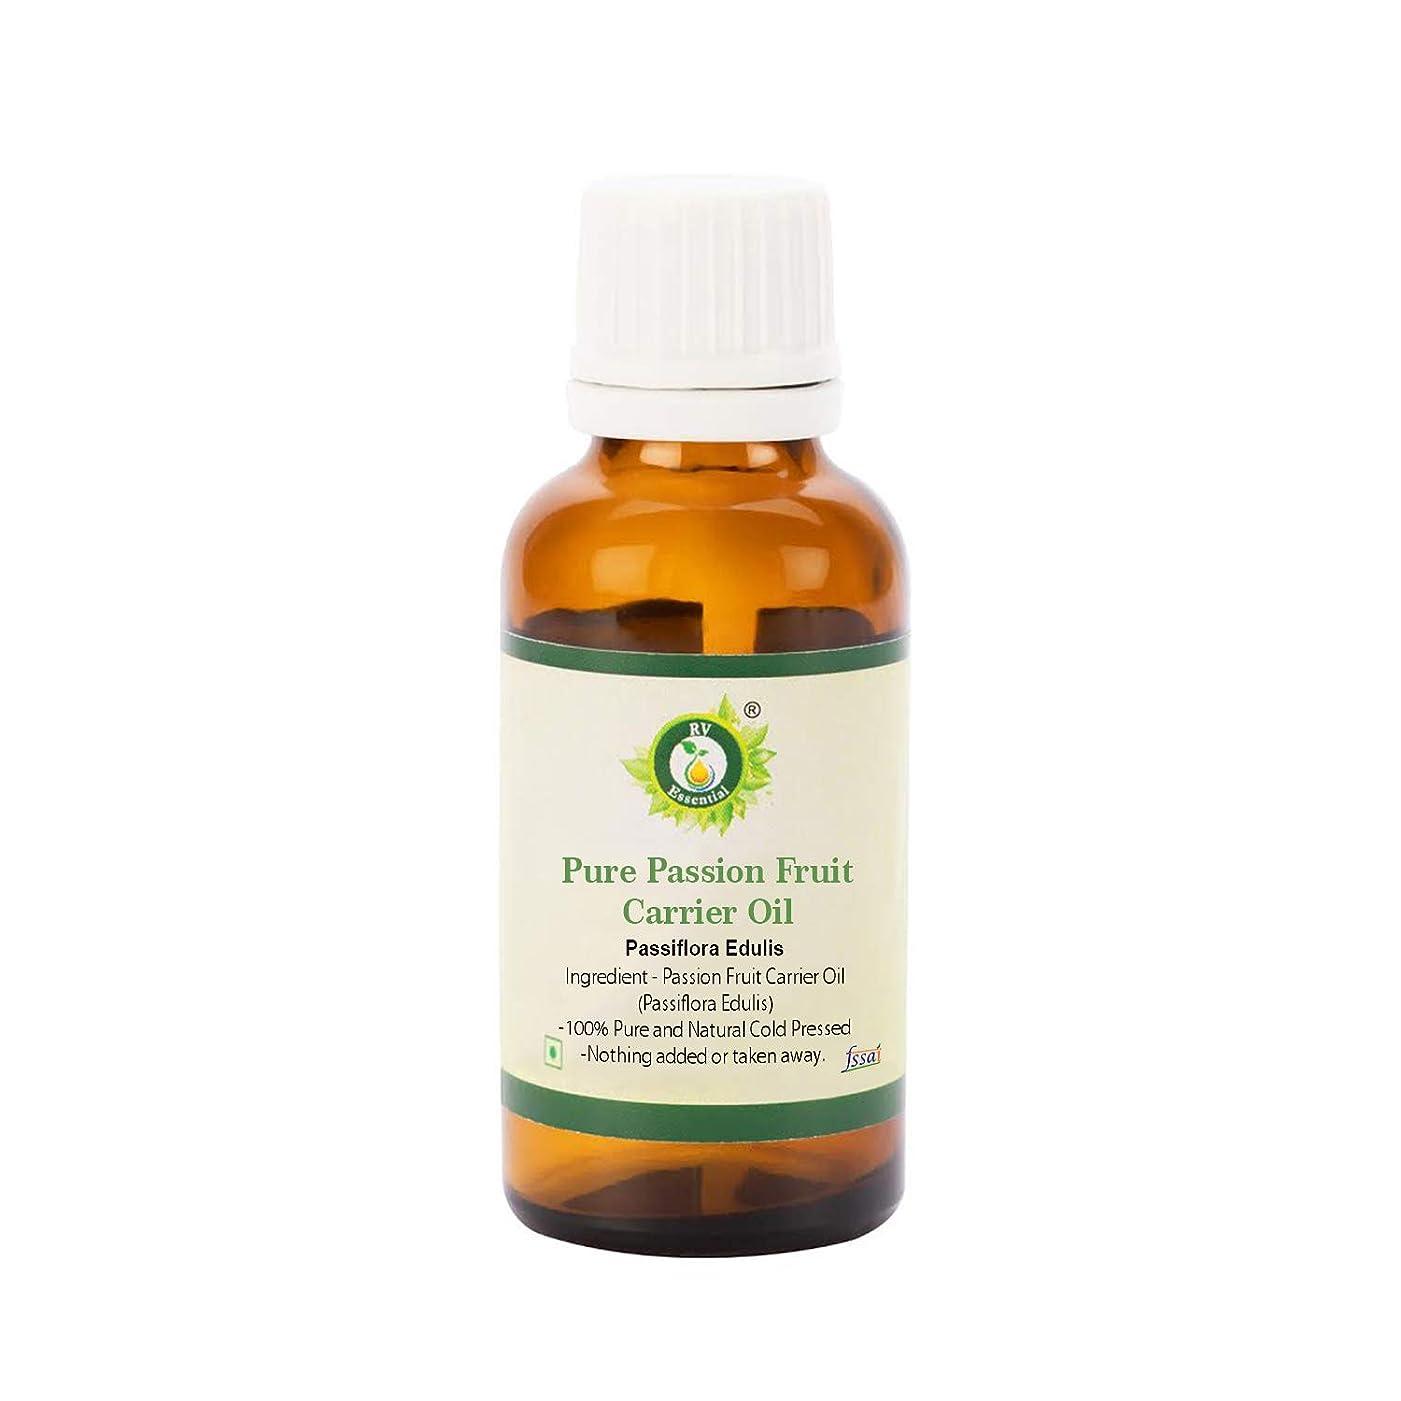 新着カエル三番R V Essential 純粋な情熱フルーツキャリアオイル100ml (3.38oz)- Passiflora Edulis (100%ピュア&ナチュラルコールドPressed) Pure Passion Fruit Carrier Oil